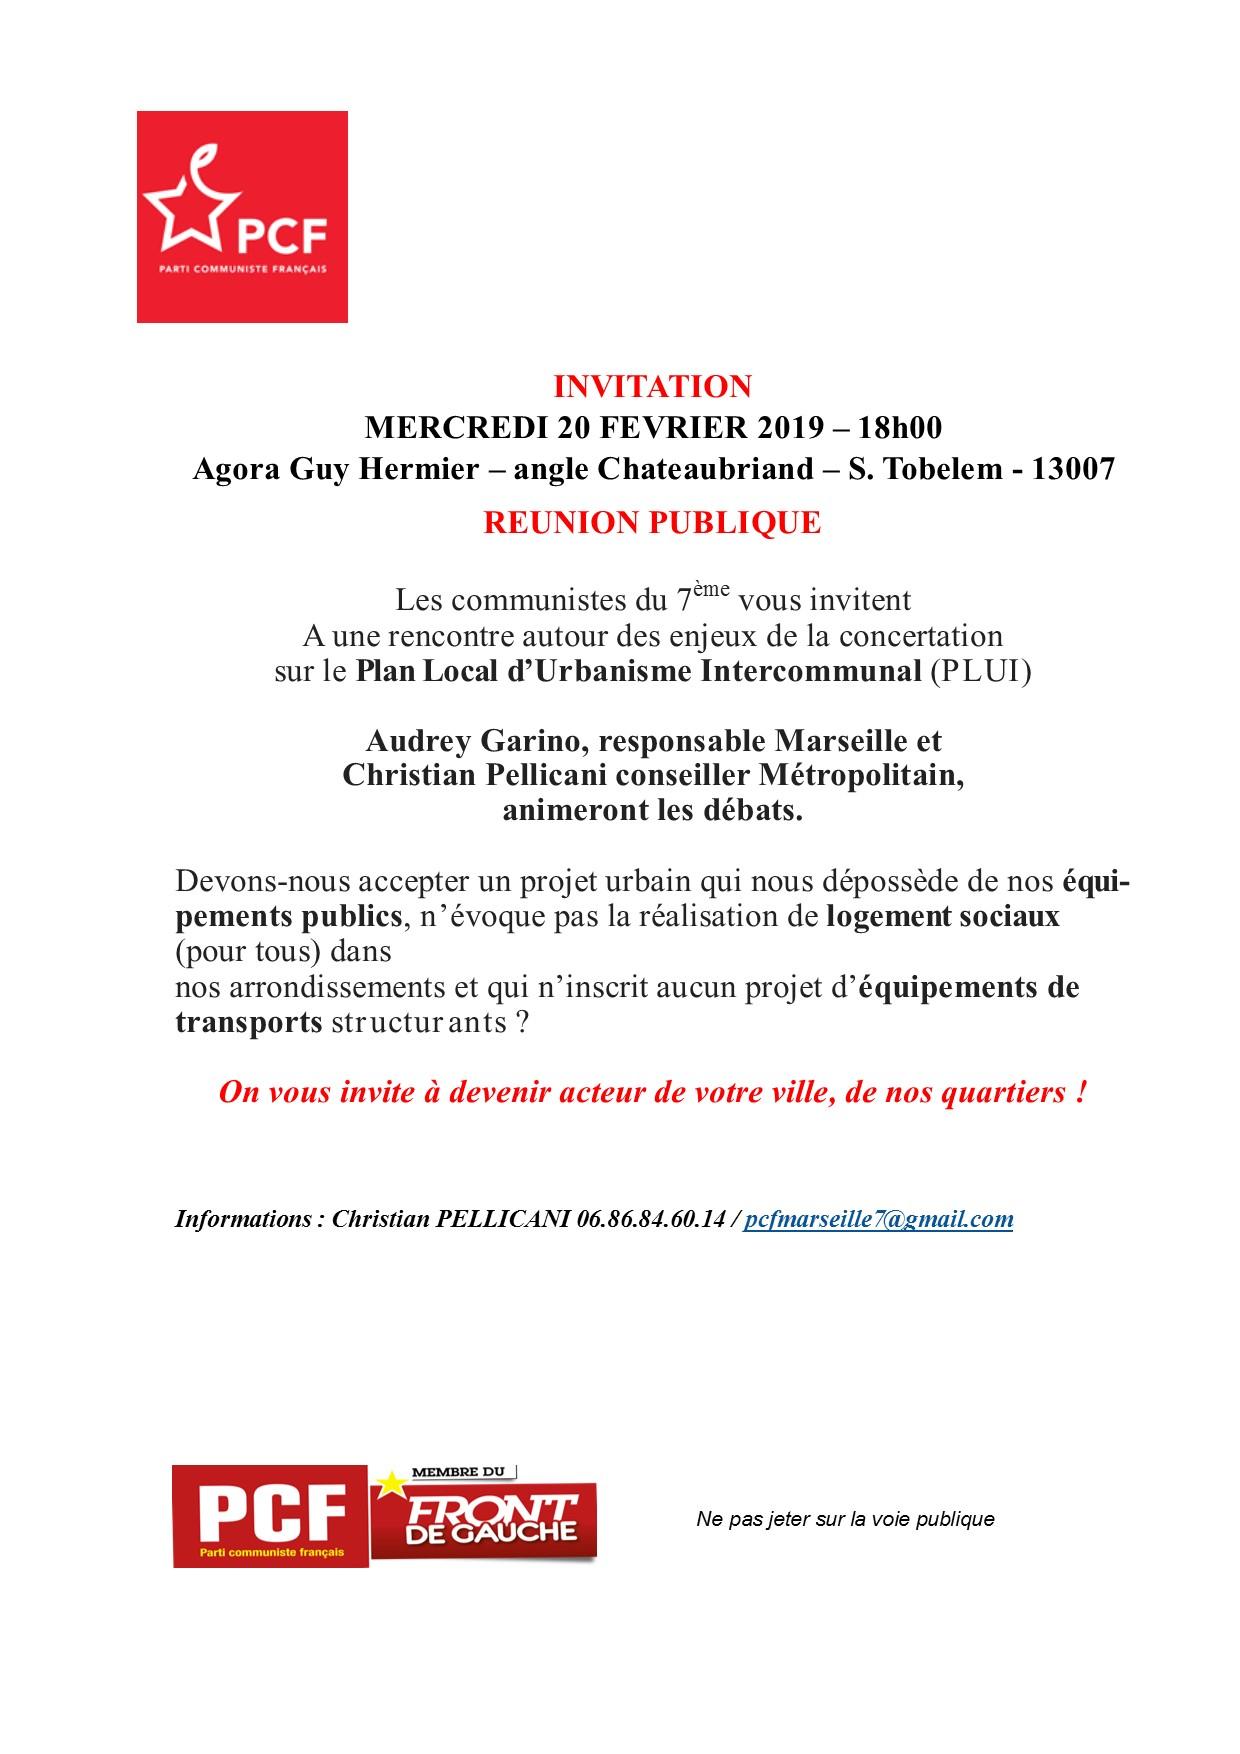 Plan Local d'Urbanisme Intercommunal : réunion publique le 20 février à l'Agora Guy Hermier à 18h00